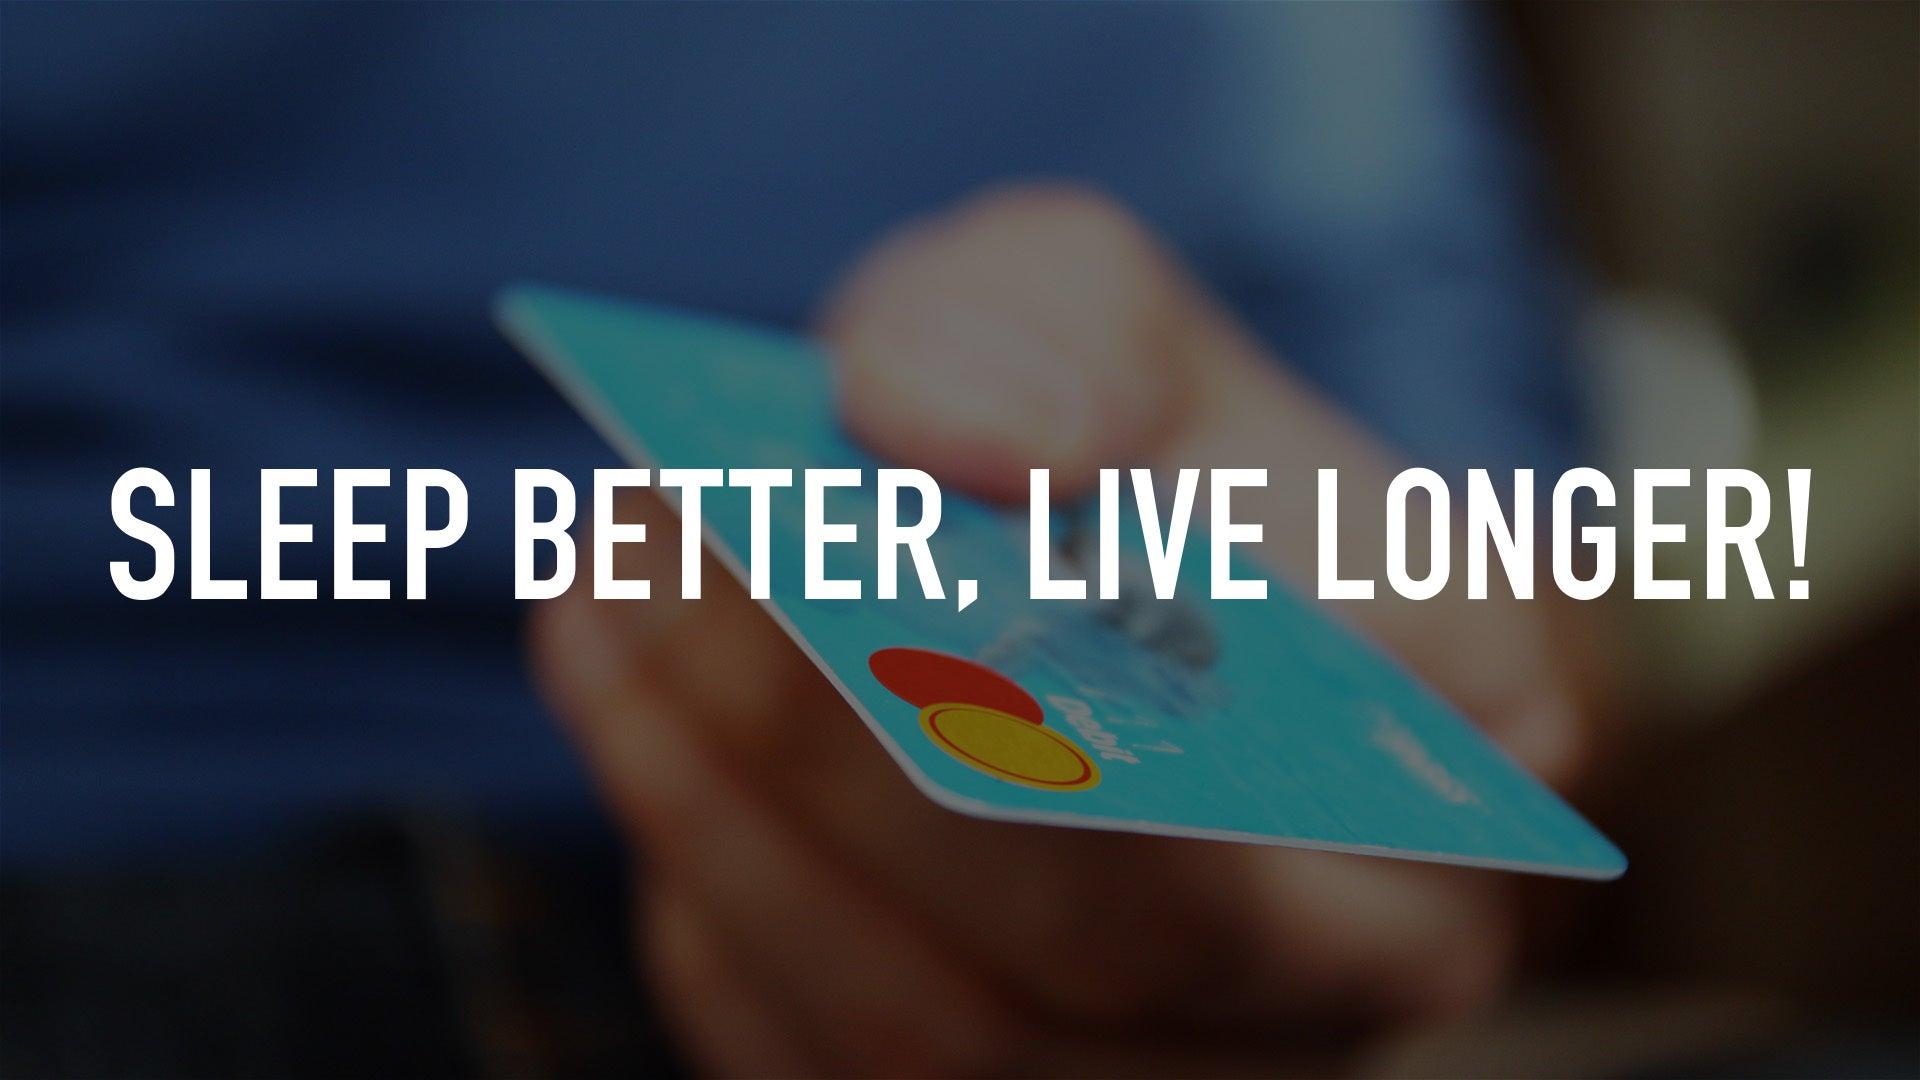 Sleep better, live longer!